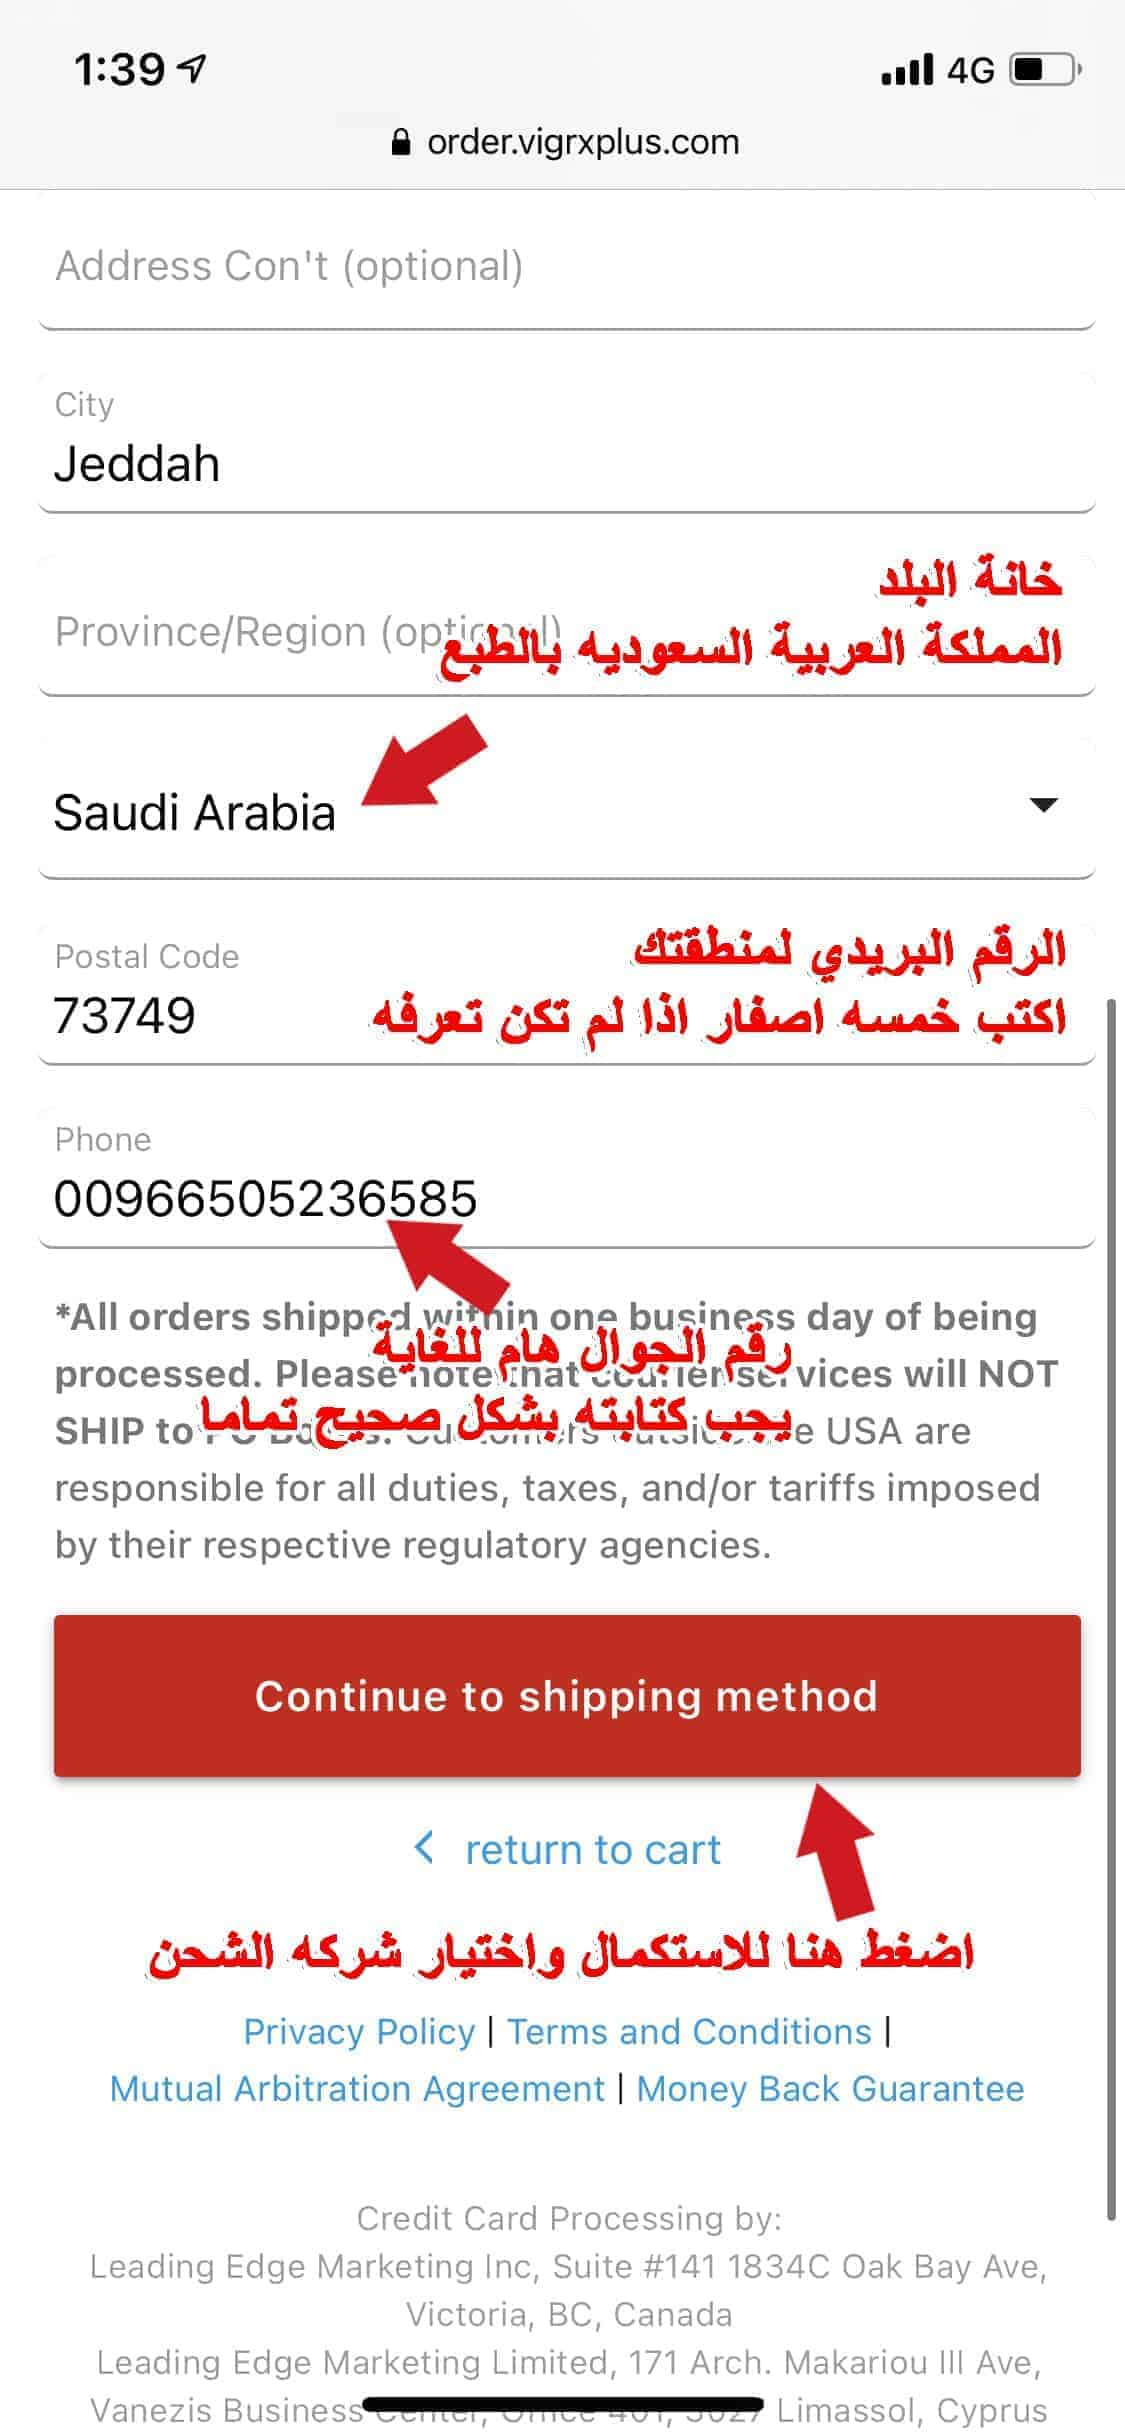 VigRX Plus Saudi Arabia 003